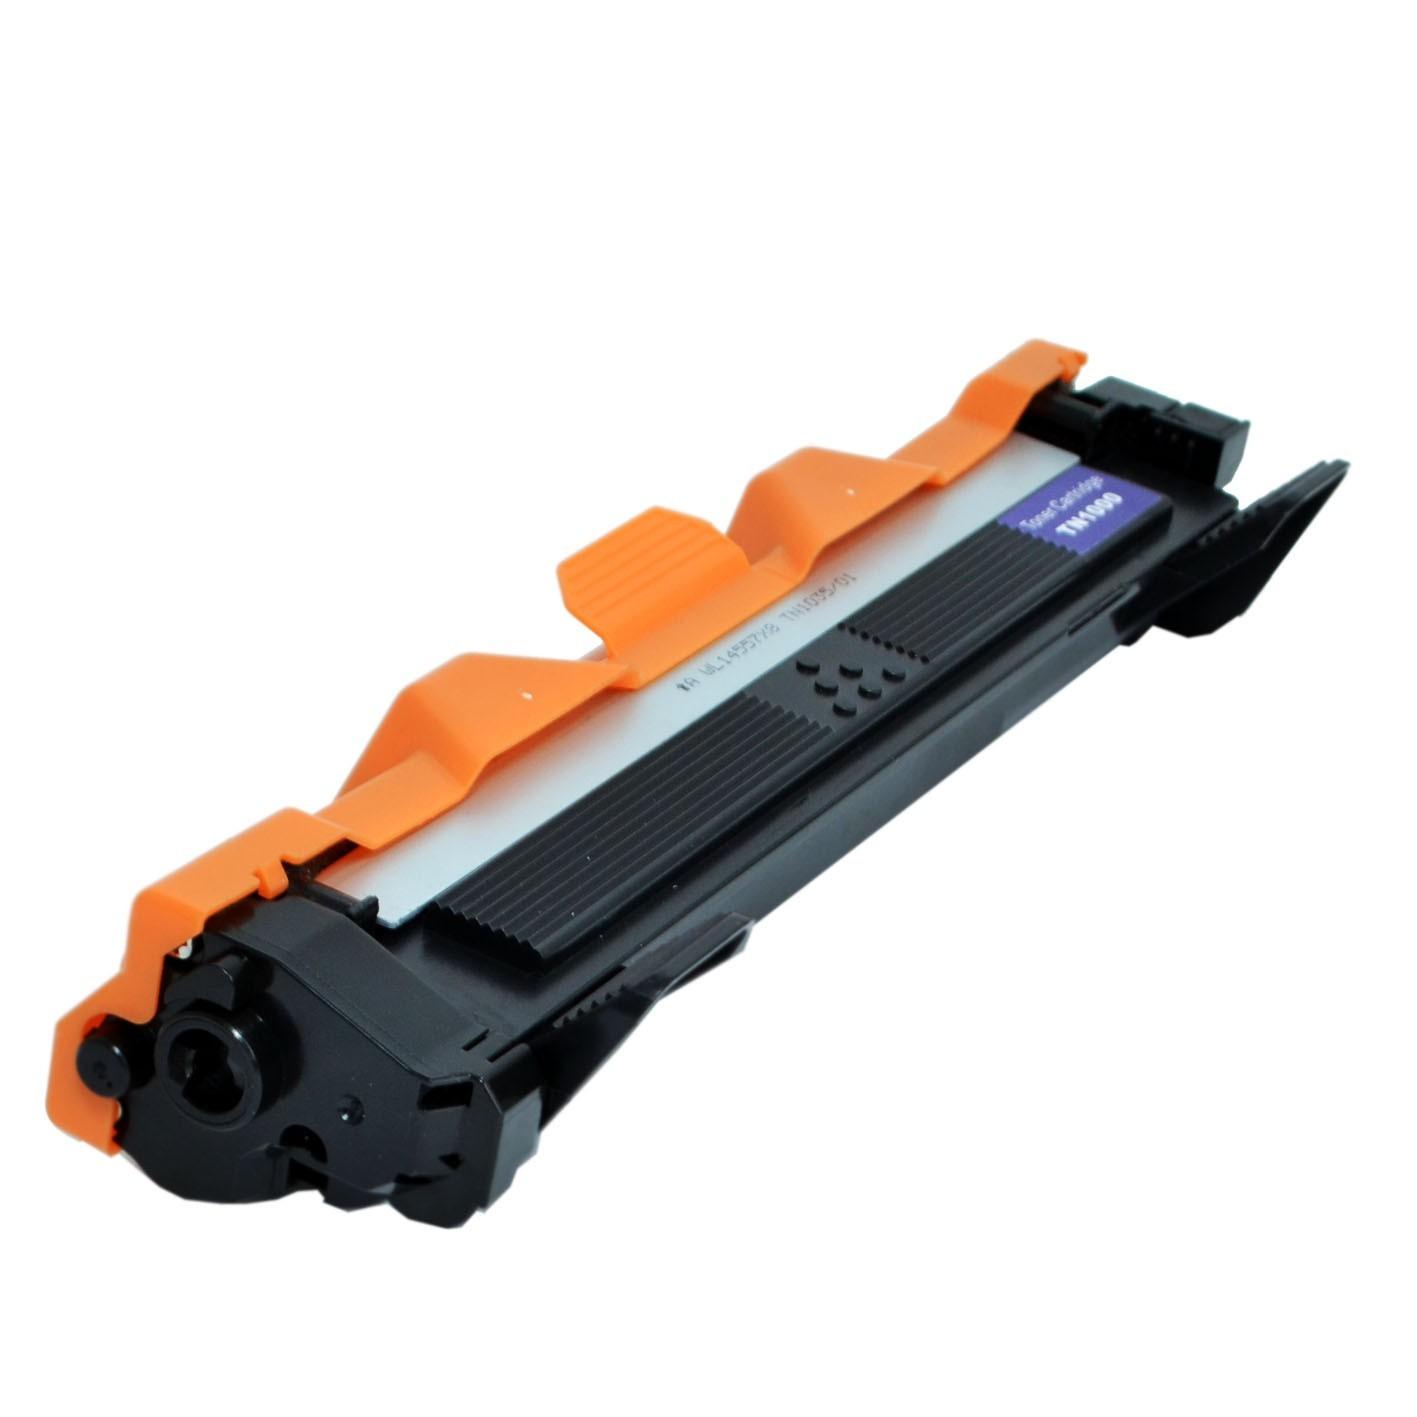 KIT 2 TONER COMPATÍVEL COM BROTHER TN1060 | DCP1602 DCP1512 DCP1617NW HL1112 HL1202 HL1212W